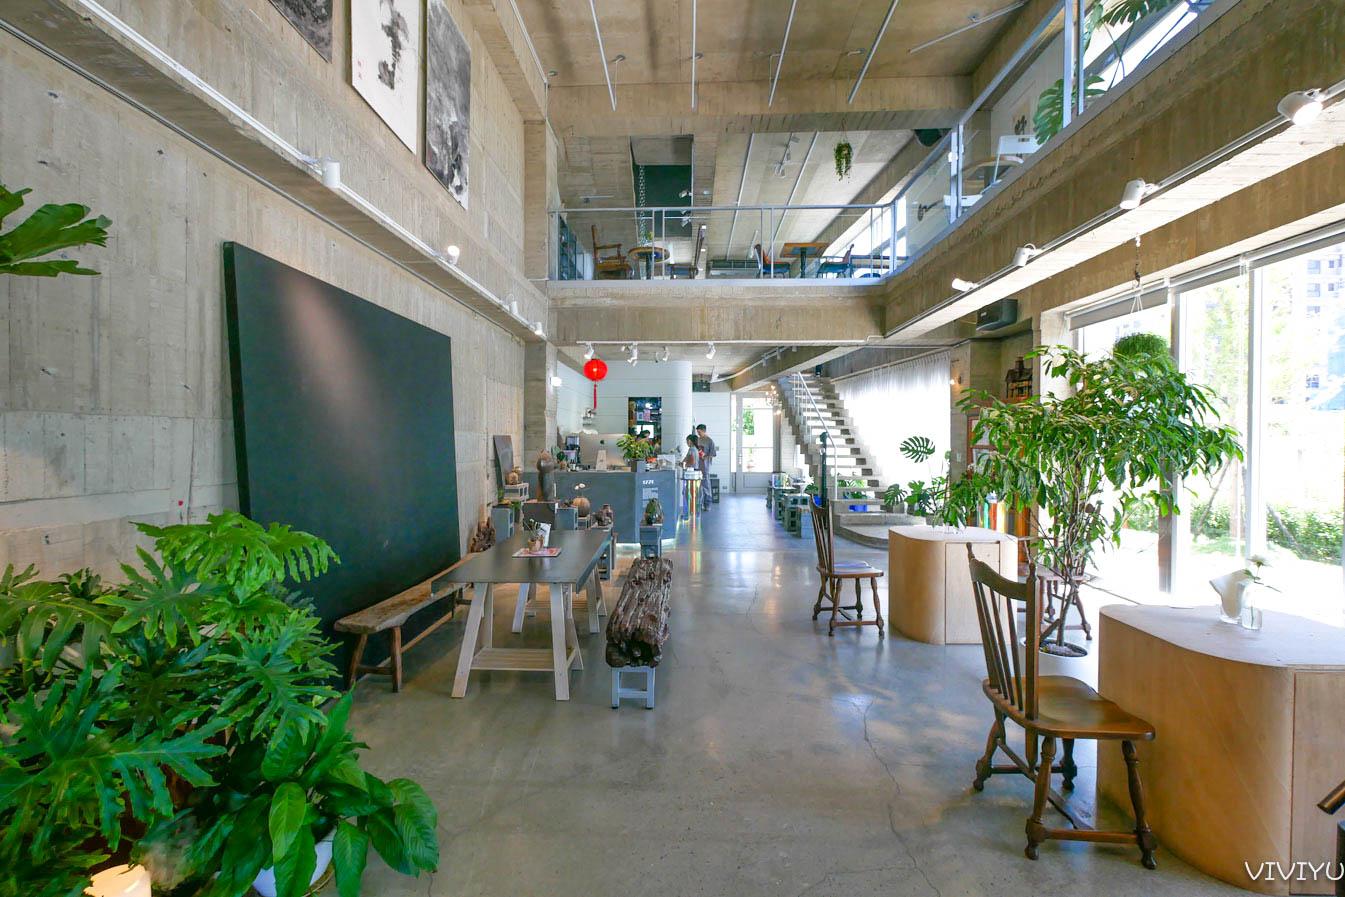 最新推播訊息:[大園美食]1771studio CAFÉ|桃園大園清水模建築複合式空間~在藝術館裡用餐喝咖啡